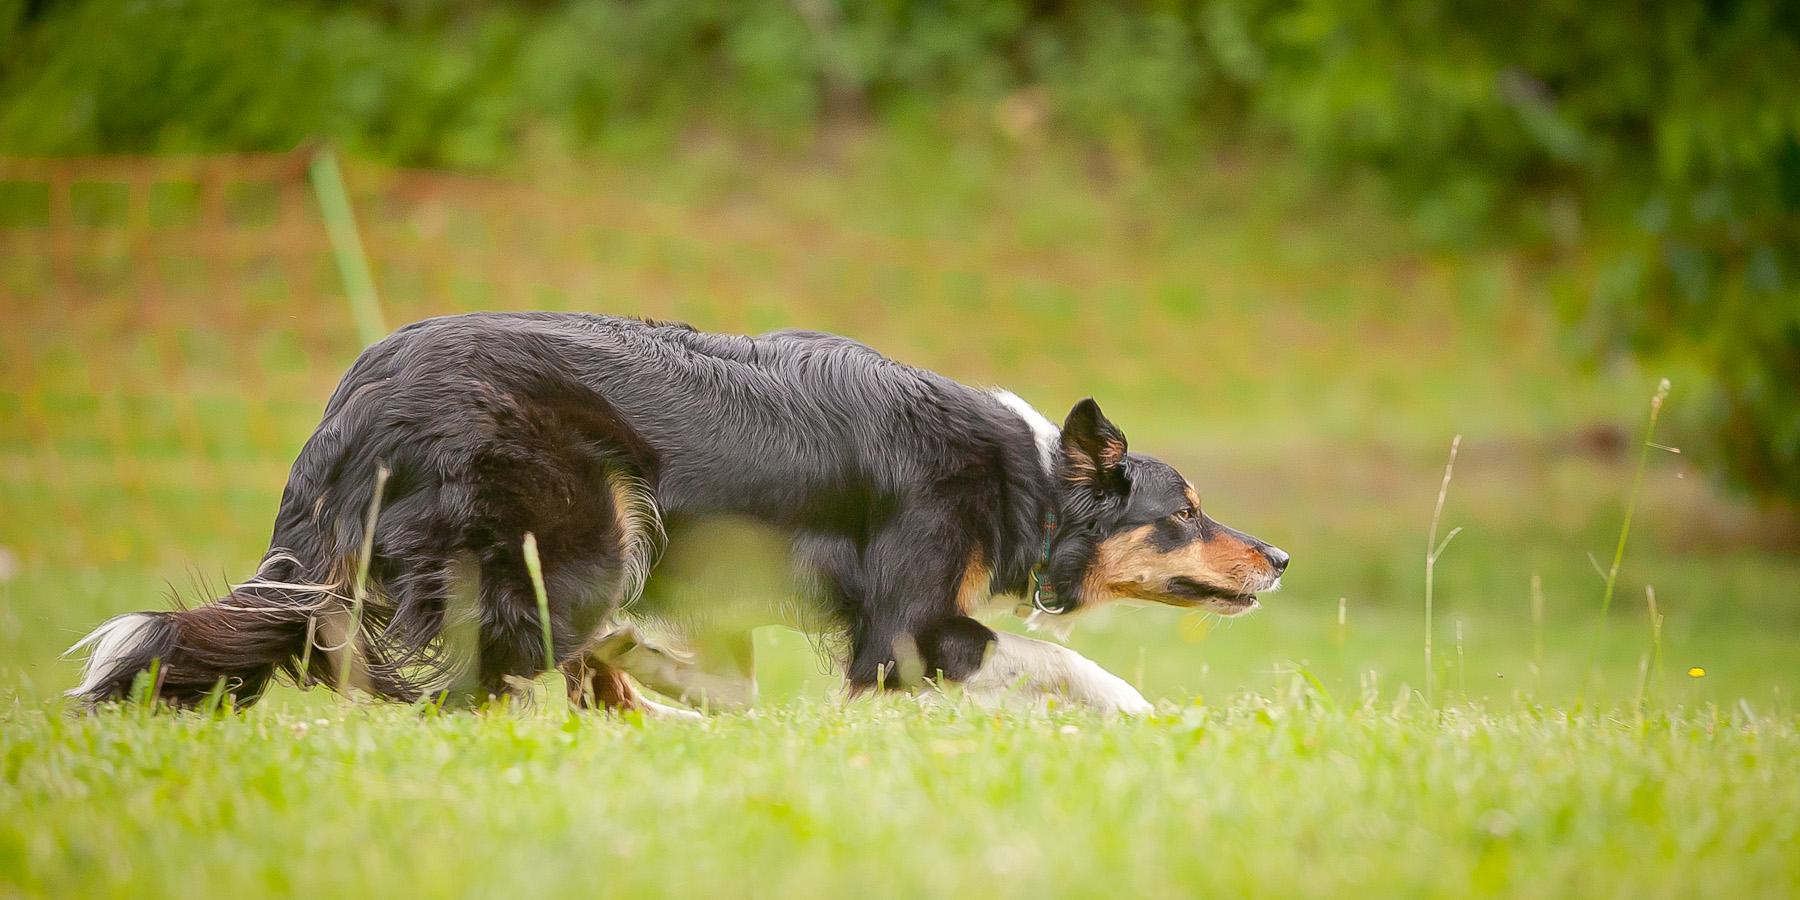 Die Tierarztpraxis Grath bietet auch eine Hundeschule an in der auch eine Verhaltenstherapie möglich ist